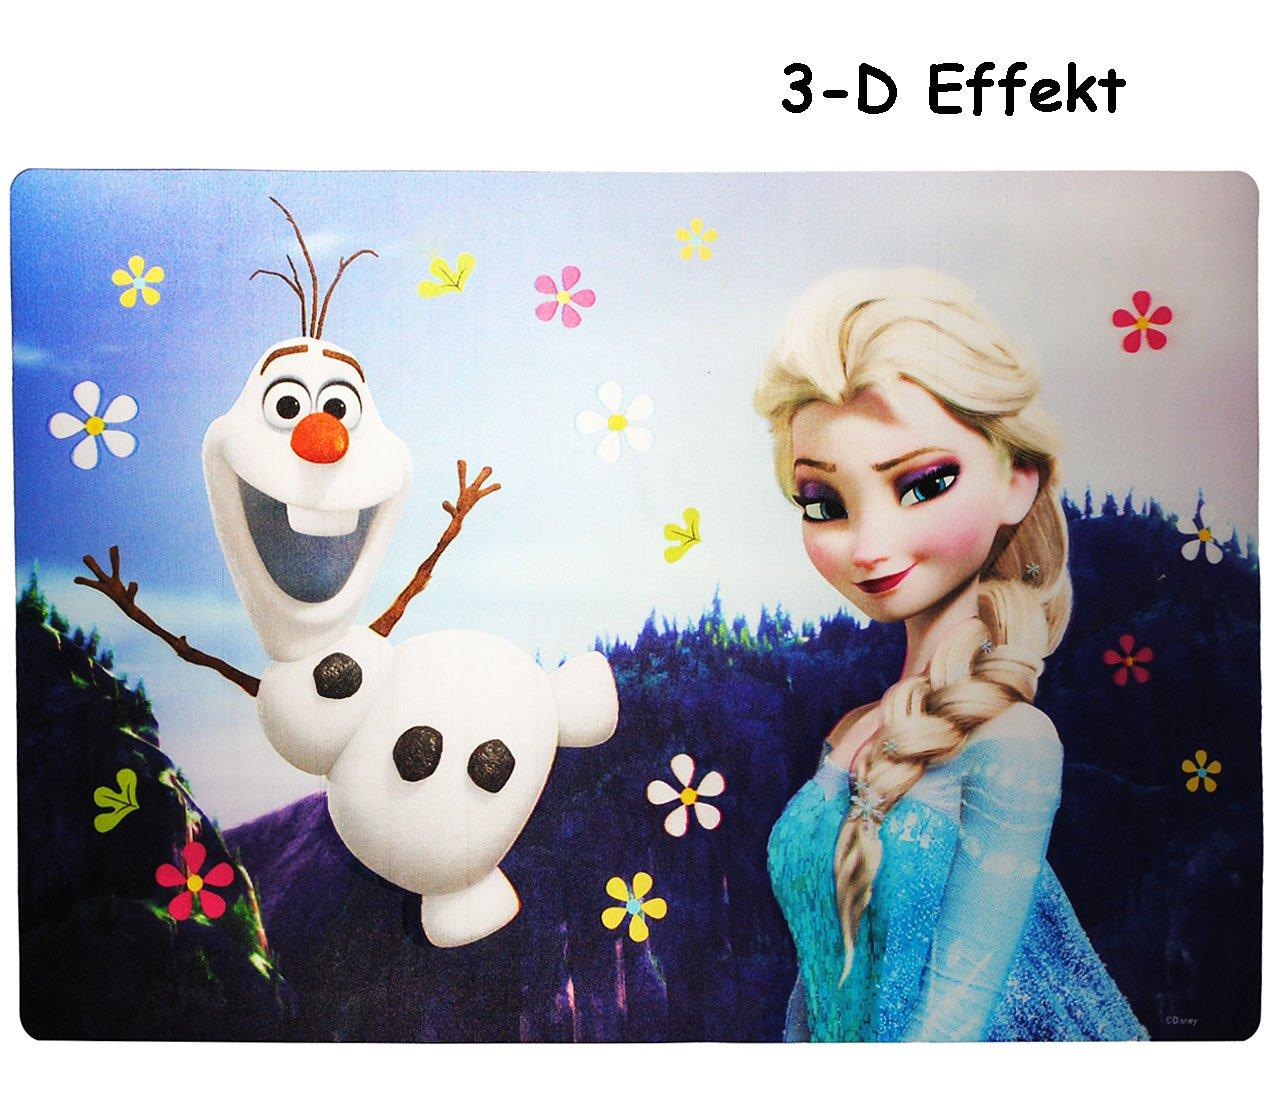 3-D Effekt Unterlage - Disney die Eiskönigin / Frozen - 42 cm * 29 cm incl. Namen - Tischunterlage / Platzdeckchen / Malunterlage / Knetunterlage / Eßunte.. Kinder-land